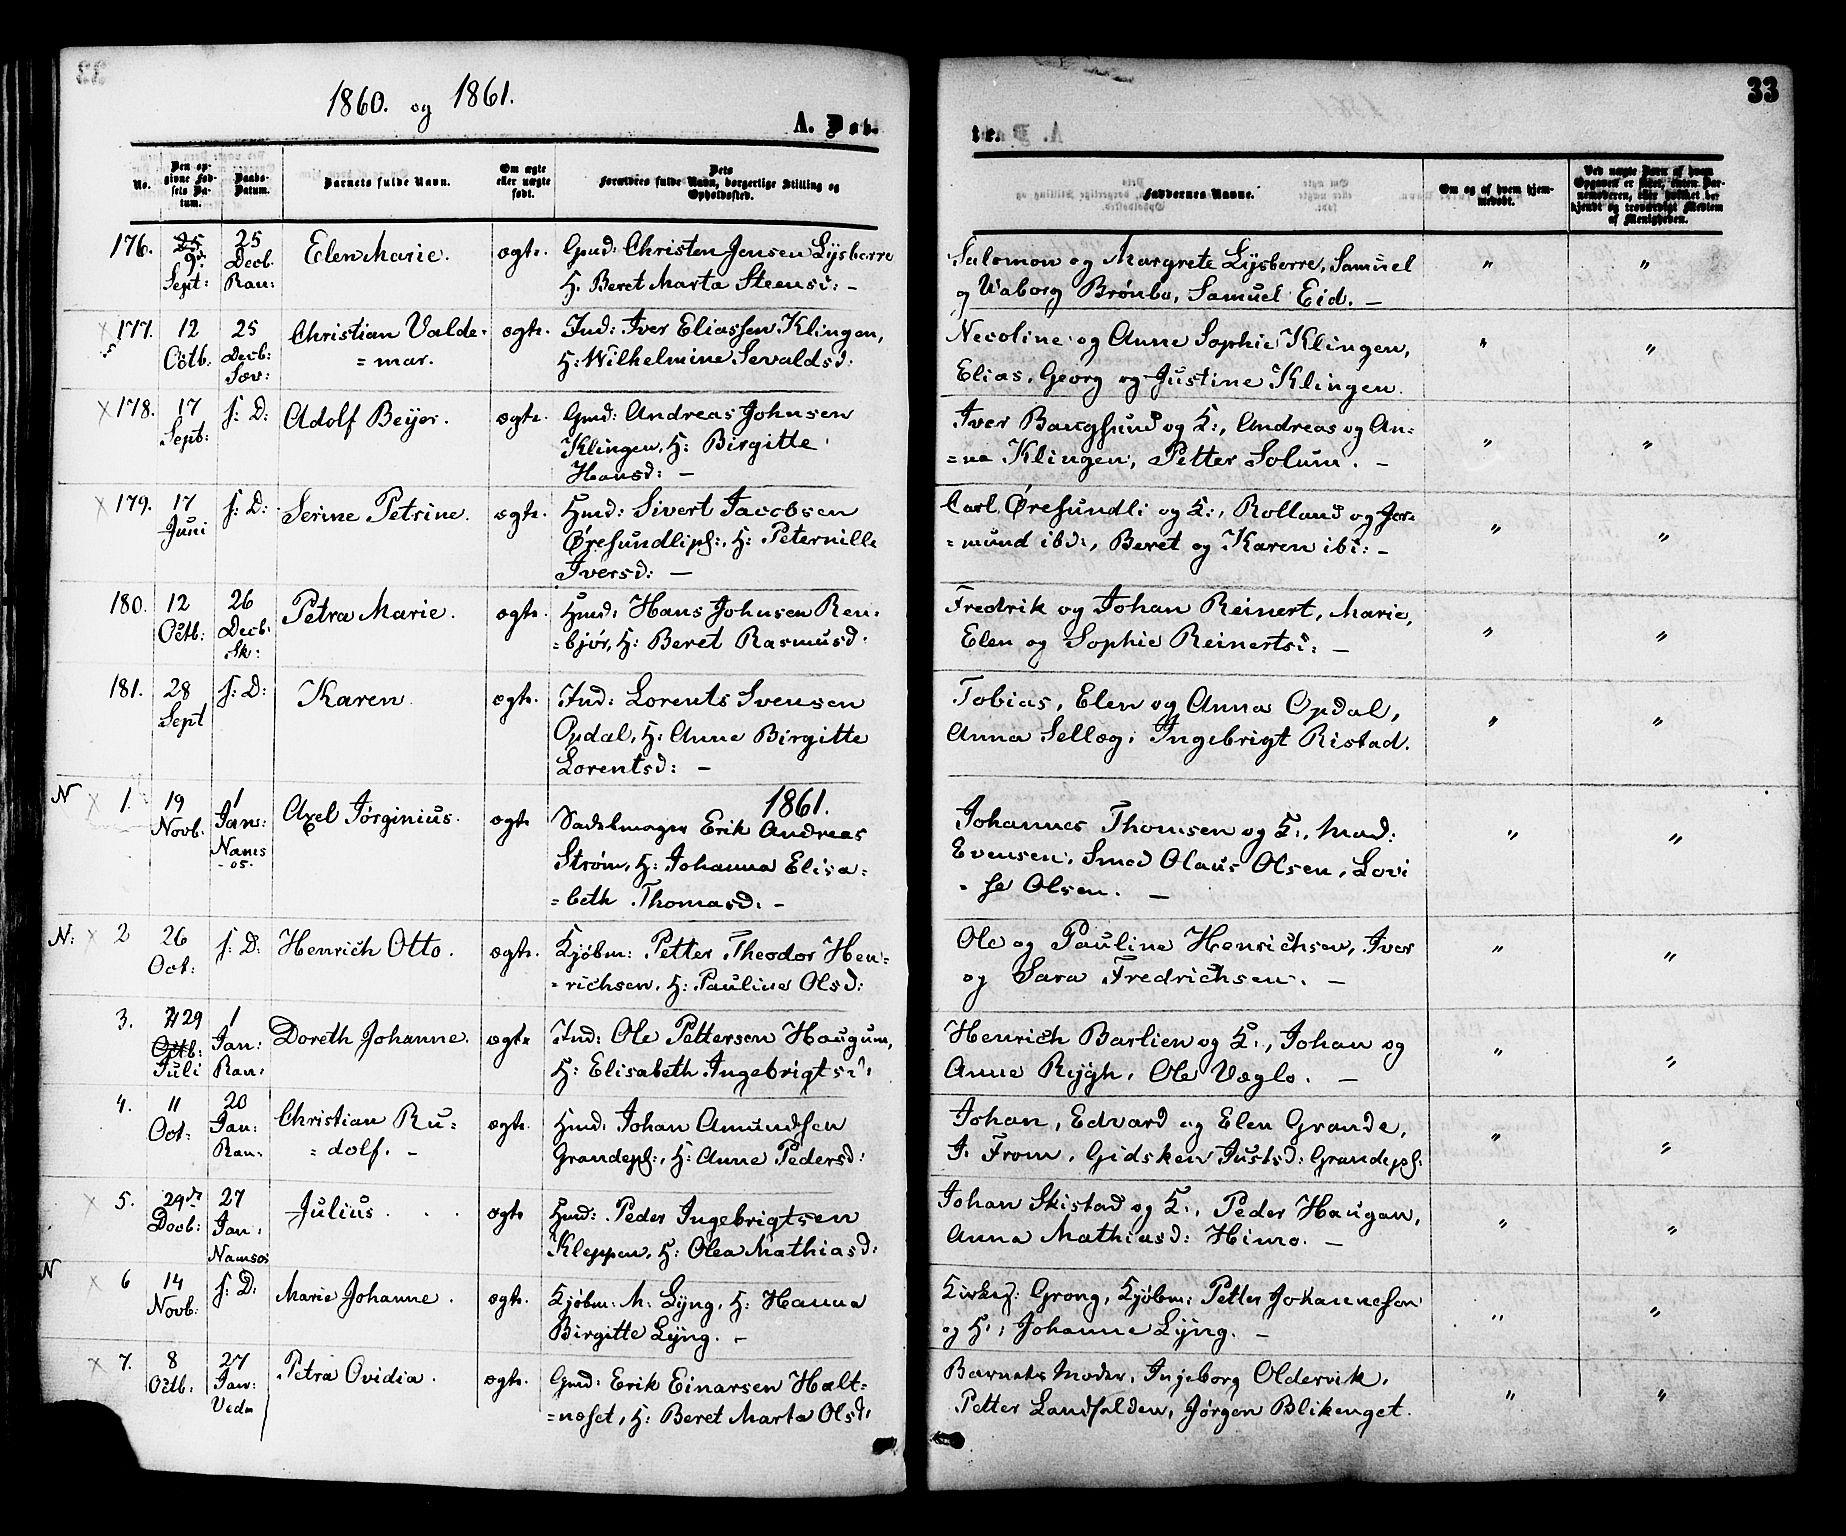 SAT, Ministerialprotokoller, klokkerbøker og fødselsregistre - Nord-Trøndelag, 764/L0553: Ministerialbok nr. 764A08, 1858-1880, s. 33